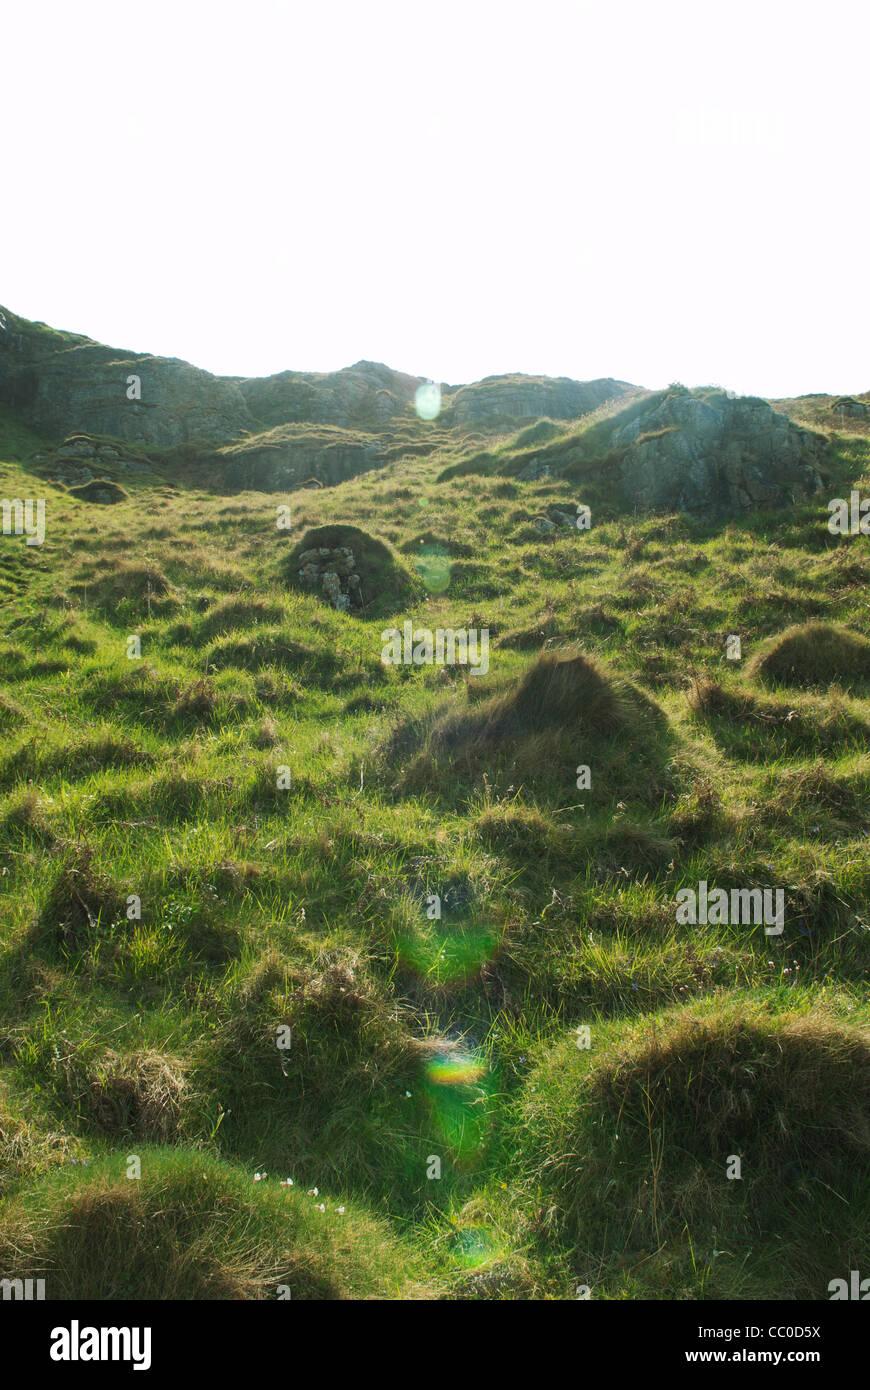 Mountain in Llandudno Wales - Stock Image